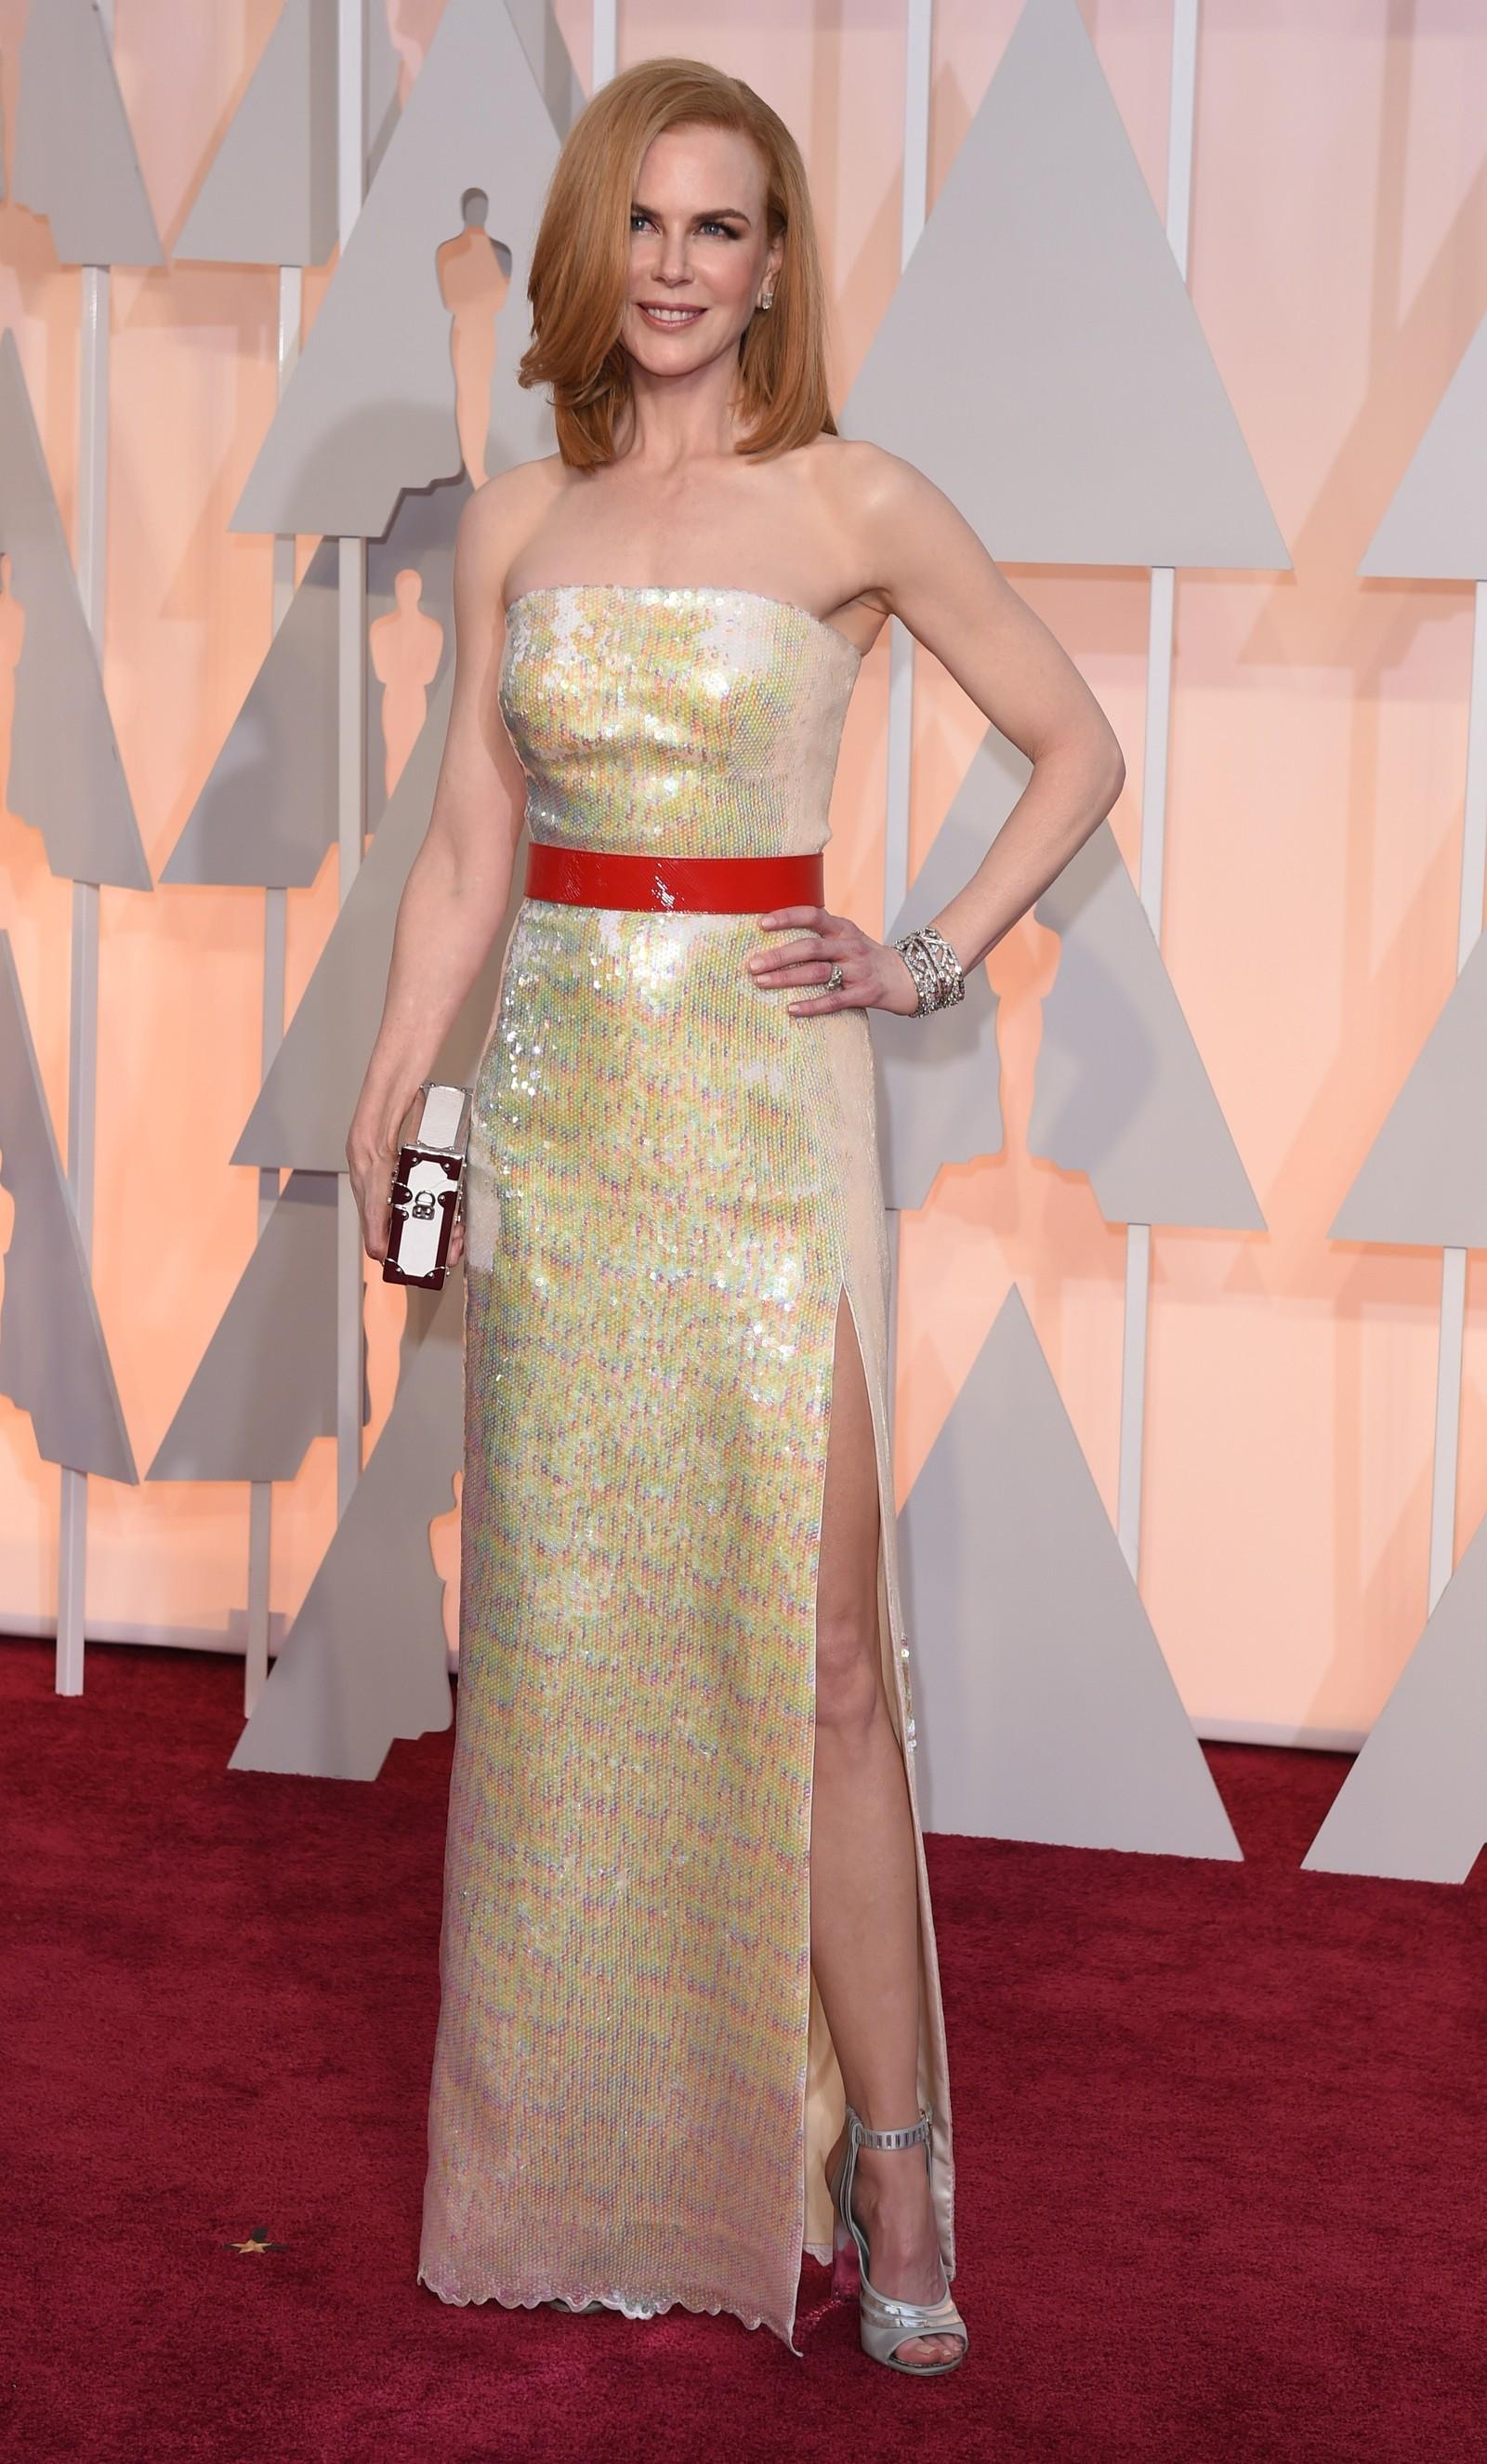 NEST VERST: Overraskende harry glitterkjole på Nicole Kidman, mener NRKs ekspert.